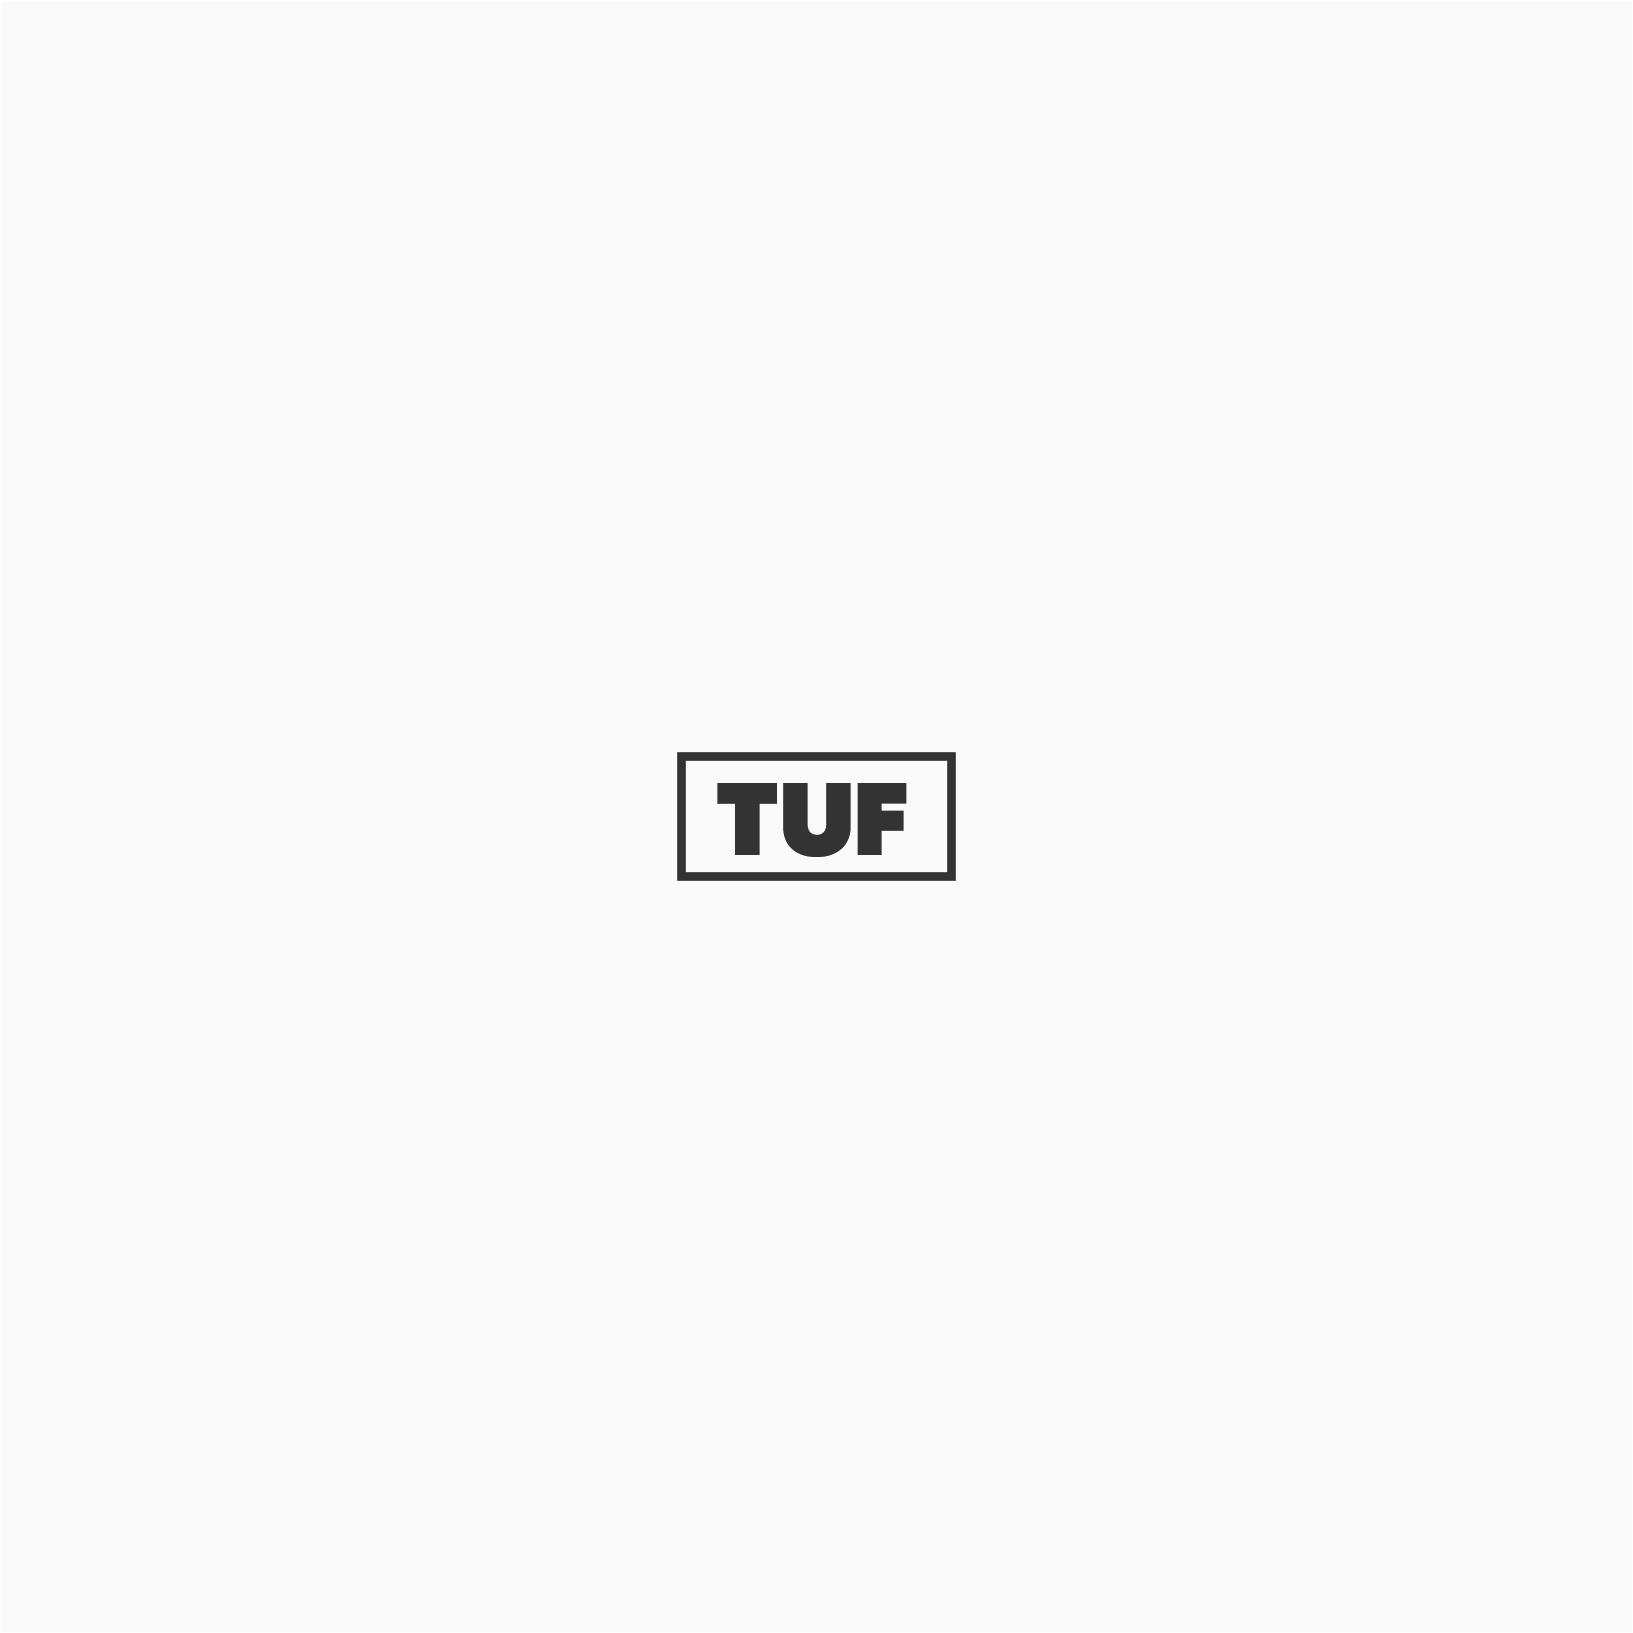 tuff-02.jpg